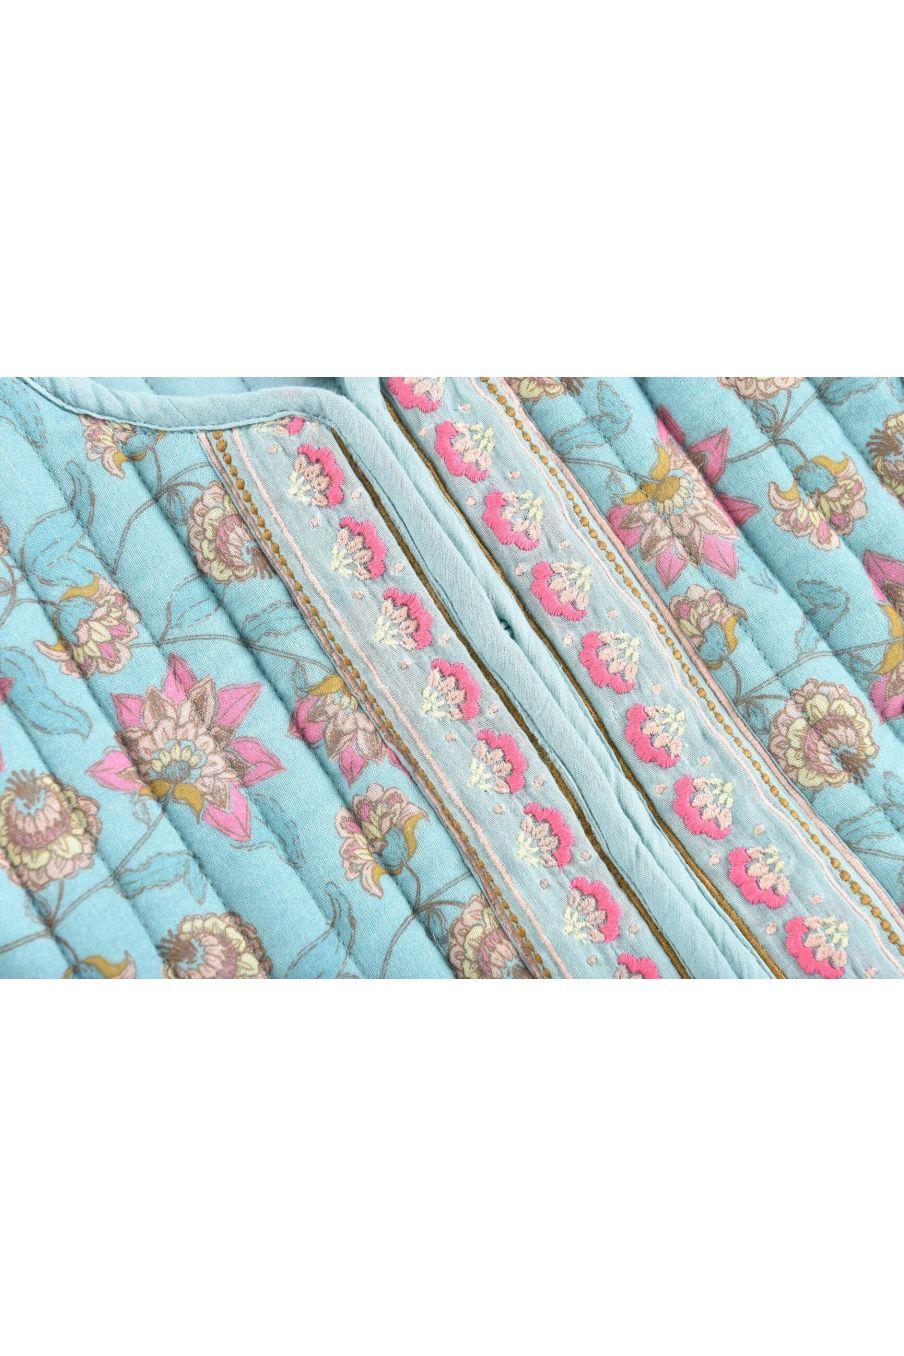 boheme chic vintage veste bébé fille teliani turquoise flowers